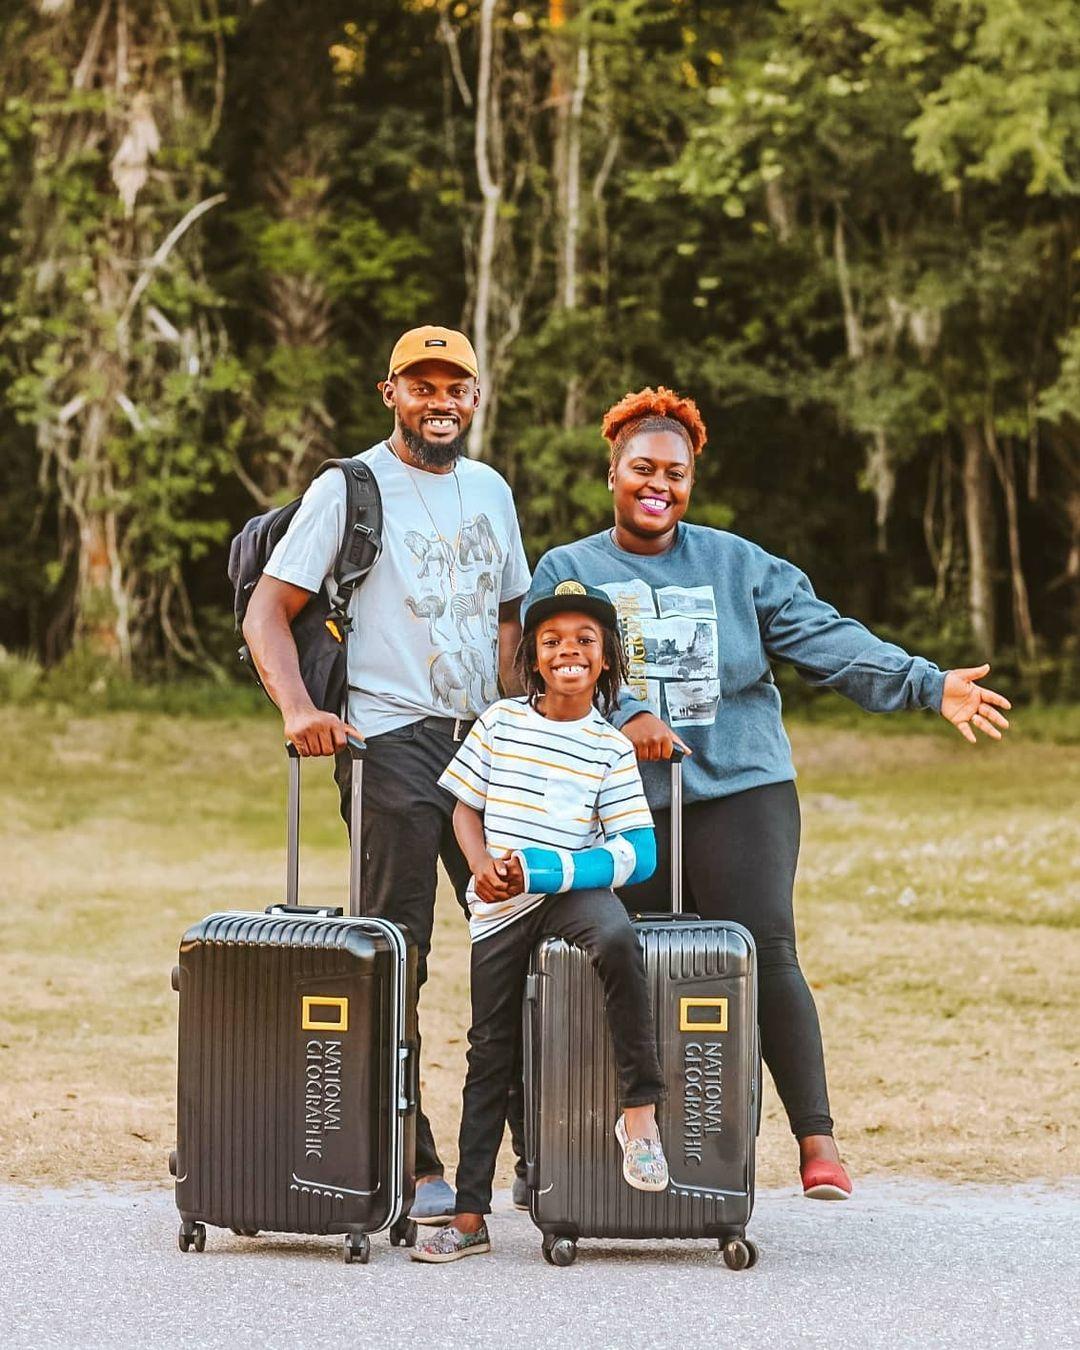 Bán nhà để ở trên xe di động, cặp vợ chồng có cuộc sống trải nghiệm ai cũng mơ ước còn mang về thu nhập 1,8 tỷ/năm - Ảnh 6.